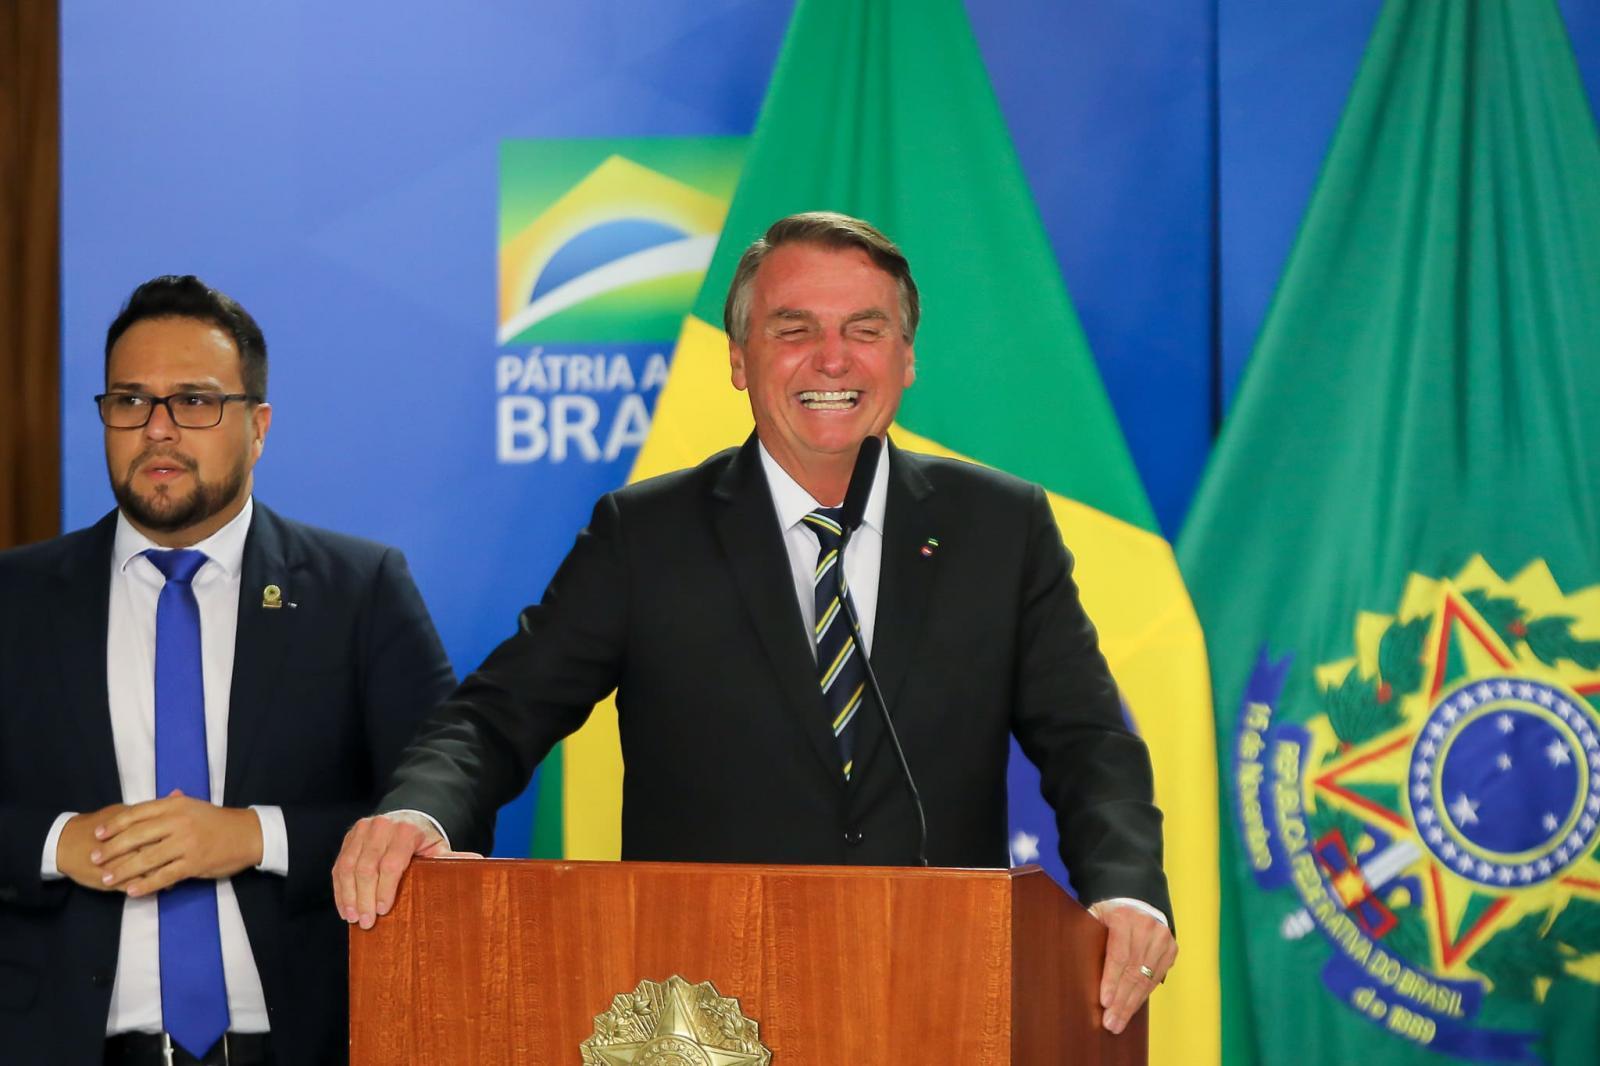 'Vagabundo é elogio para ele', diz Bolsonaro sobre Renan Calheiros